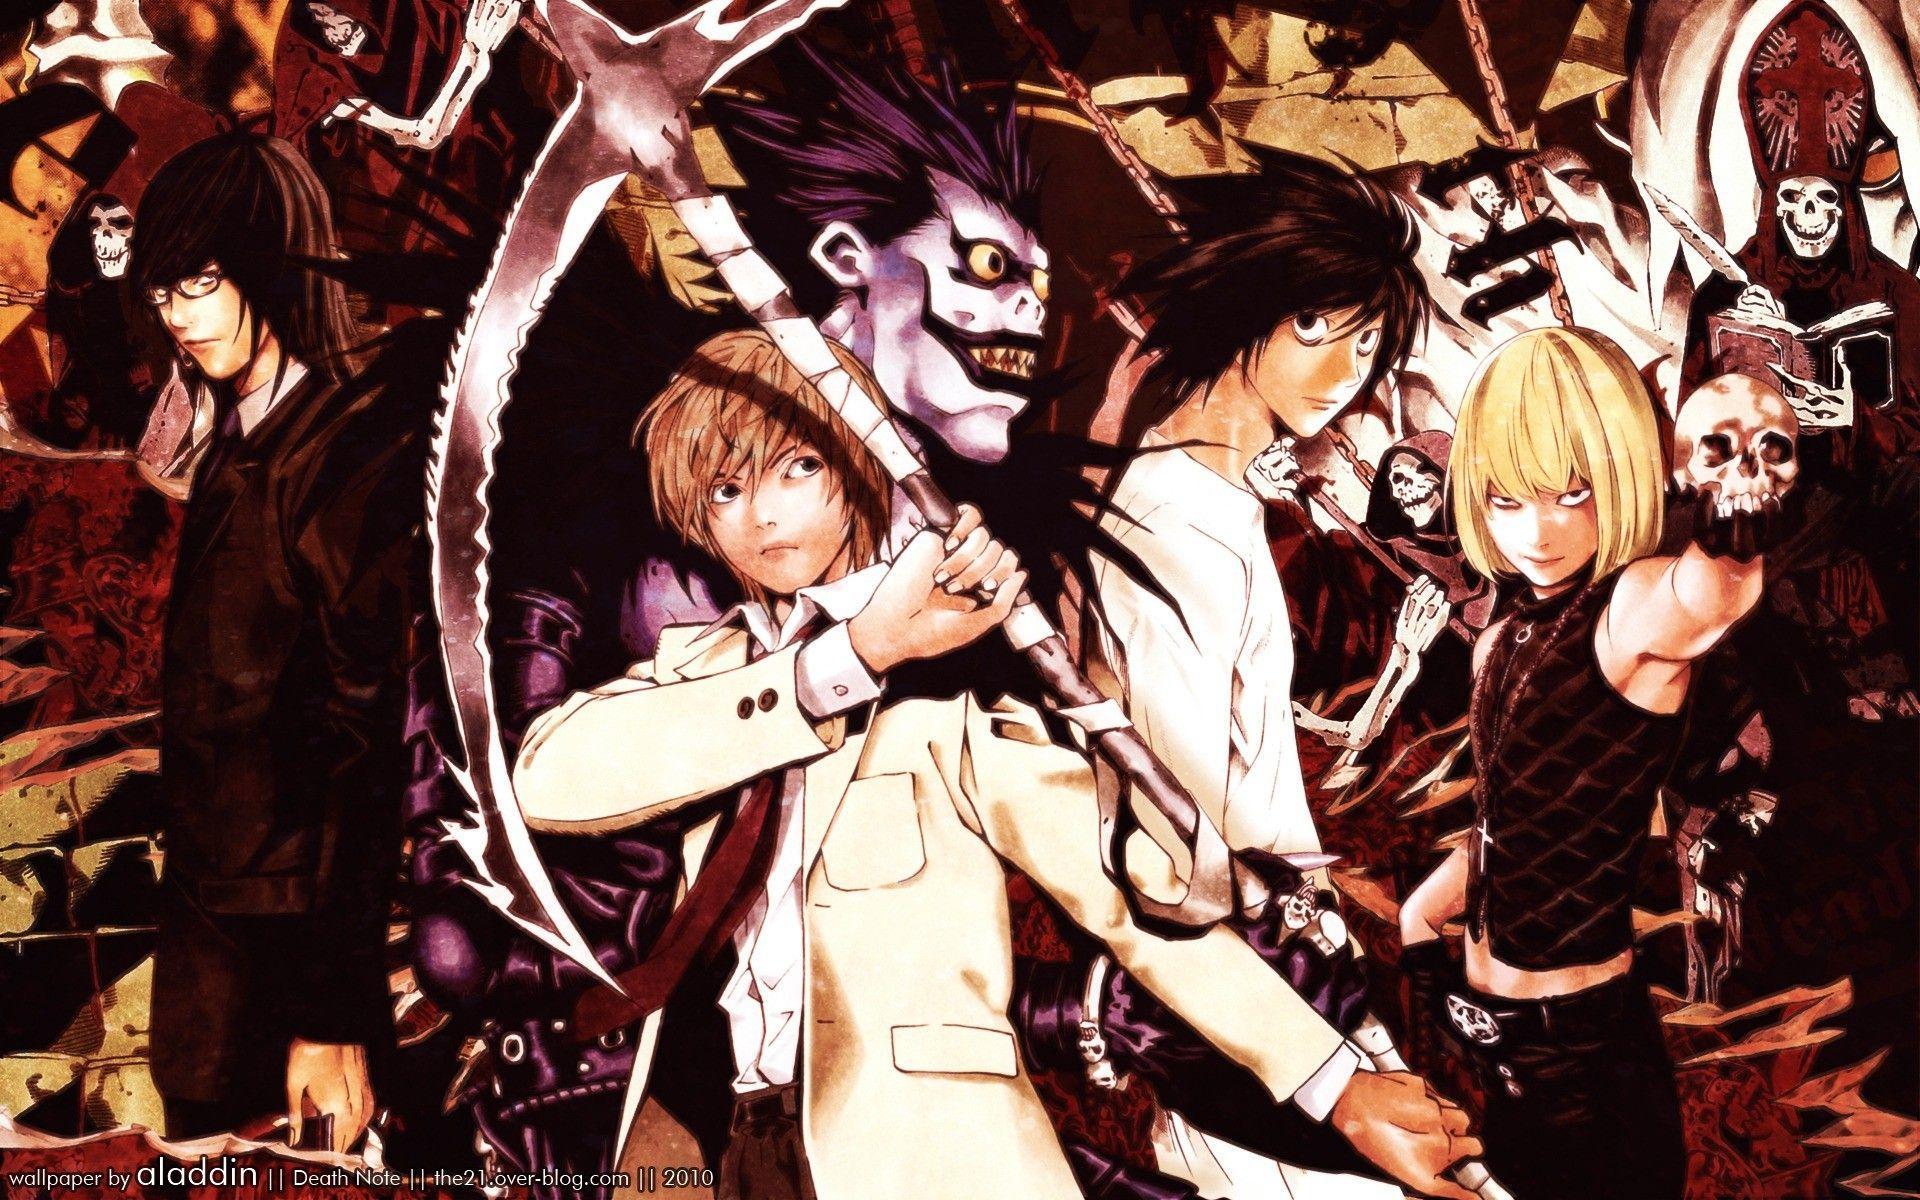 1920x1200 Death Note, Yagami Light, L., Kira, Lawliet, Raito - Hình nền miễn phí